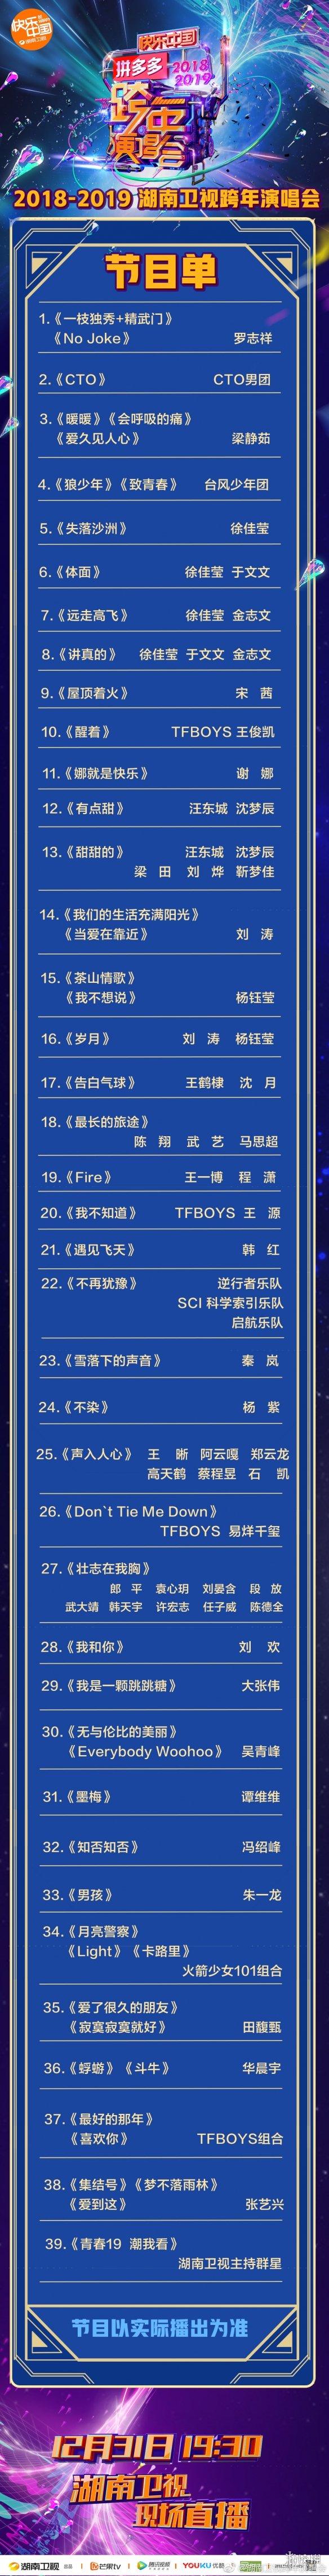 东方湖南江苏北京跨年演唱会节目单完整版 2019跨年演唱会直播观看方法